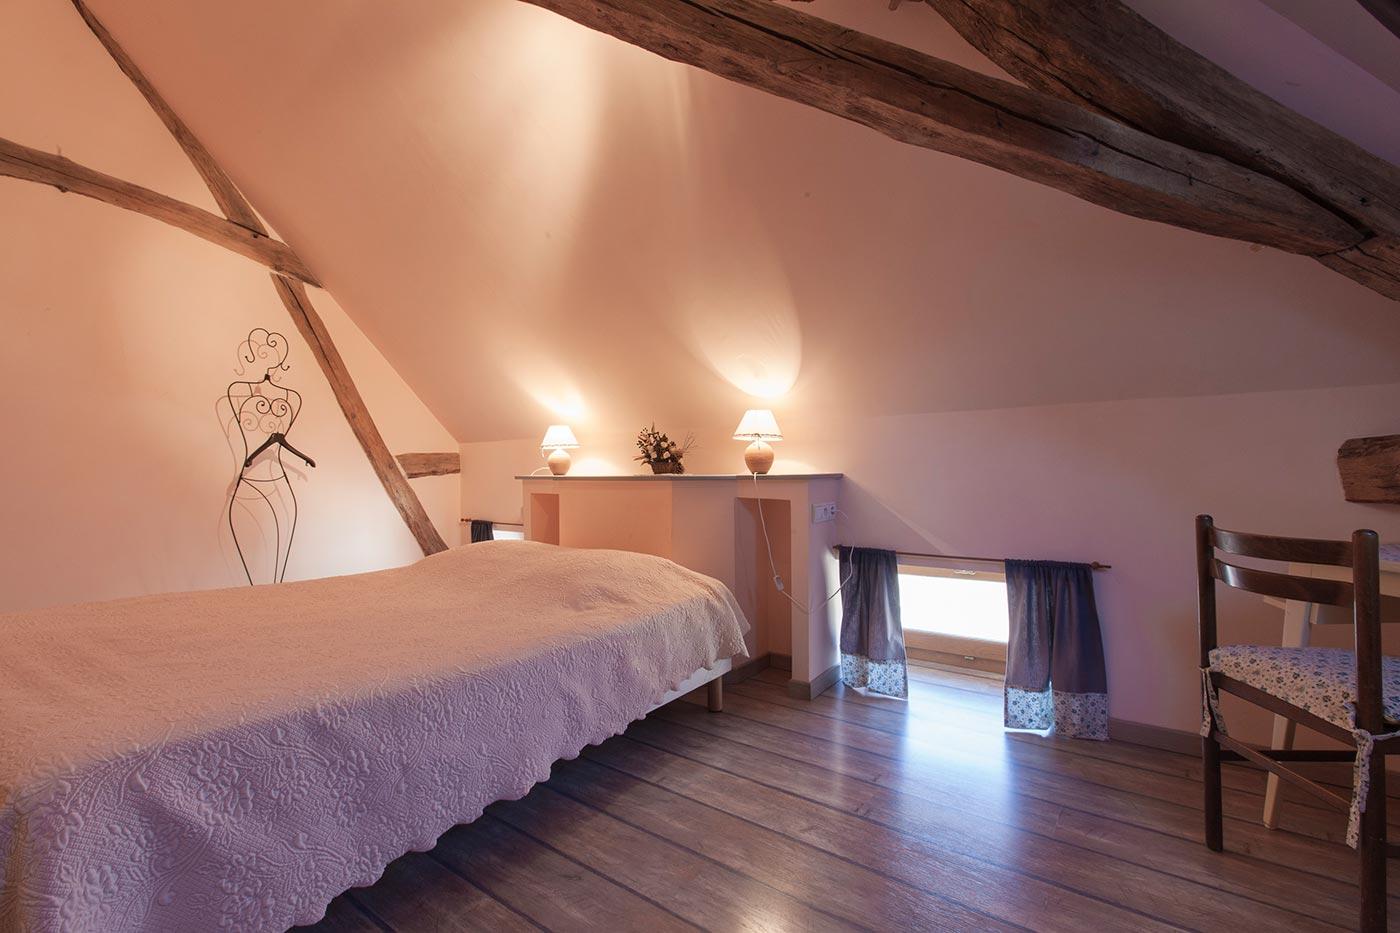 Chambre d 39 h tes beaune 4 chambres d 39 h tes quelques for Chambre de charme beaune